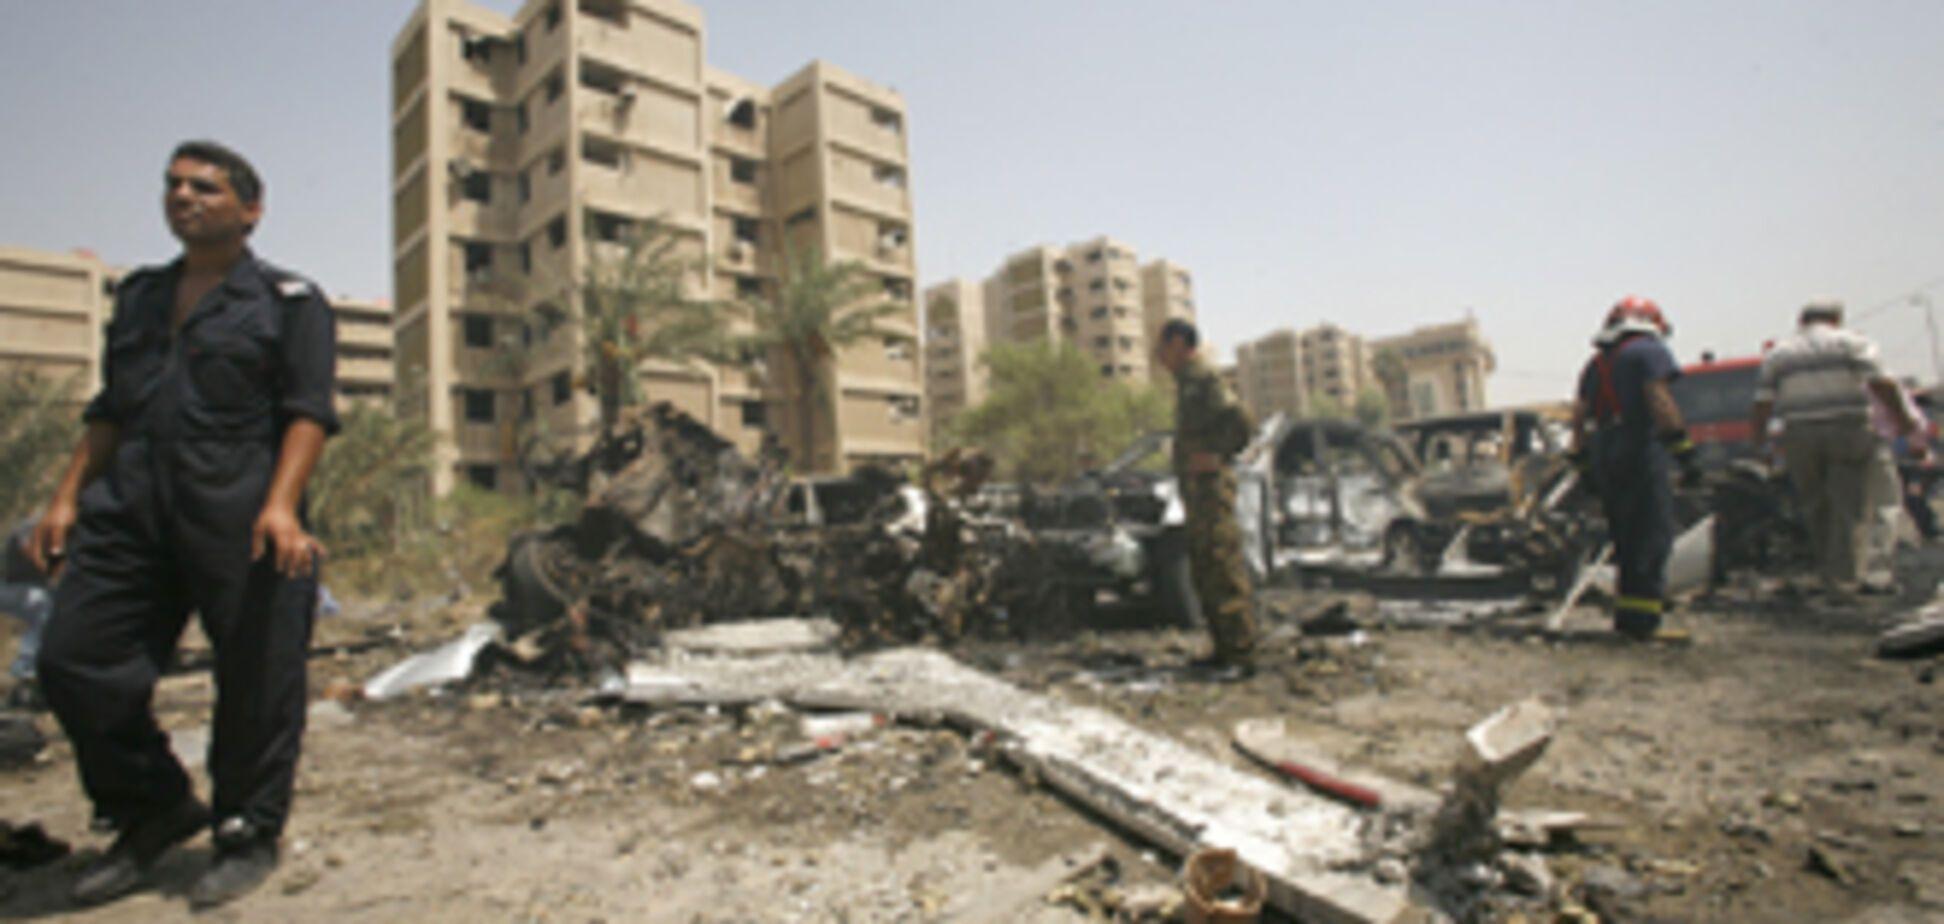 Теракты в Багдаде: 75 убитых, более 300 раненых